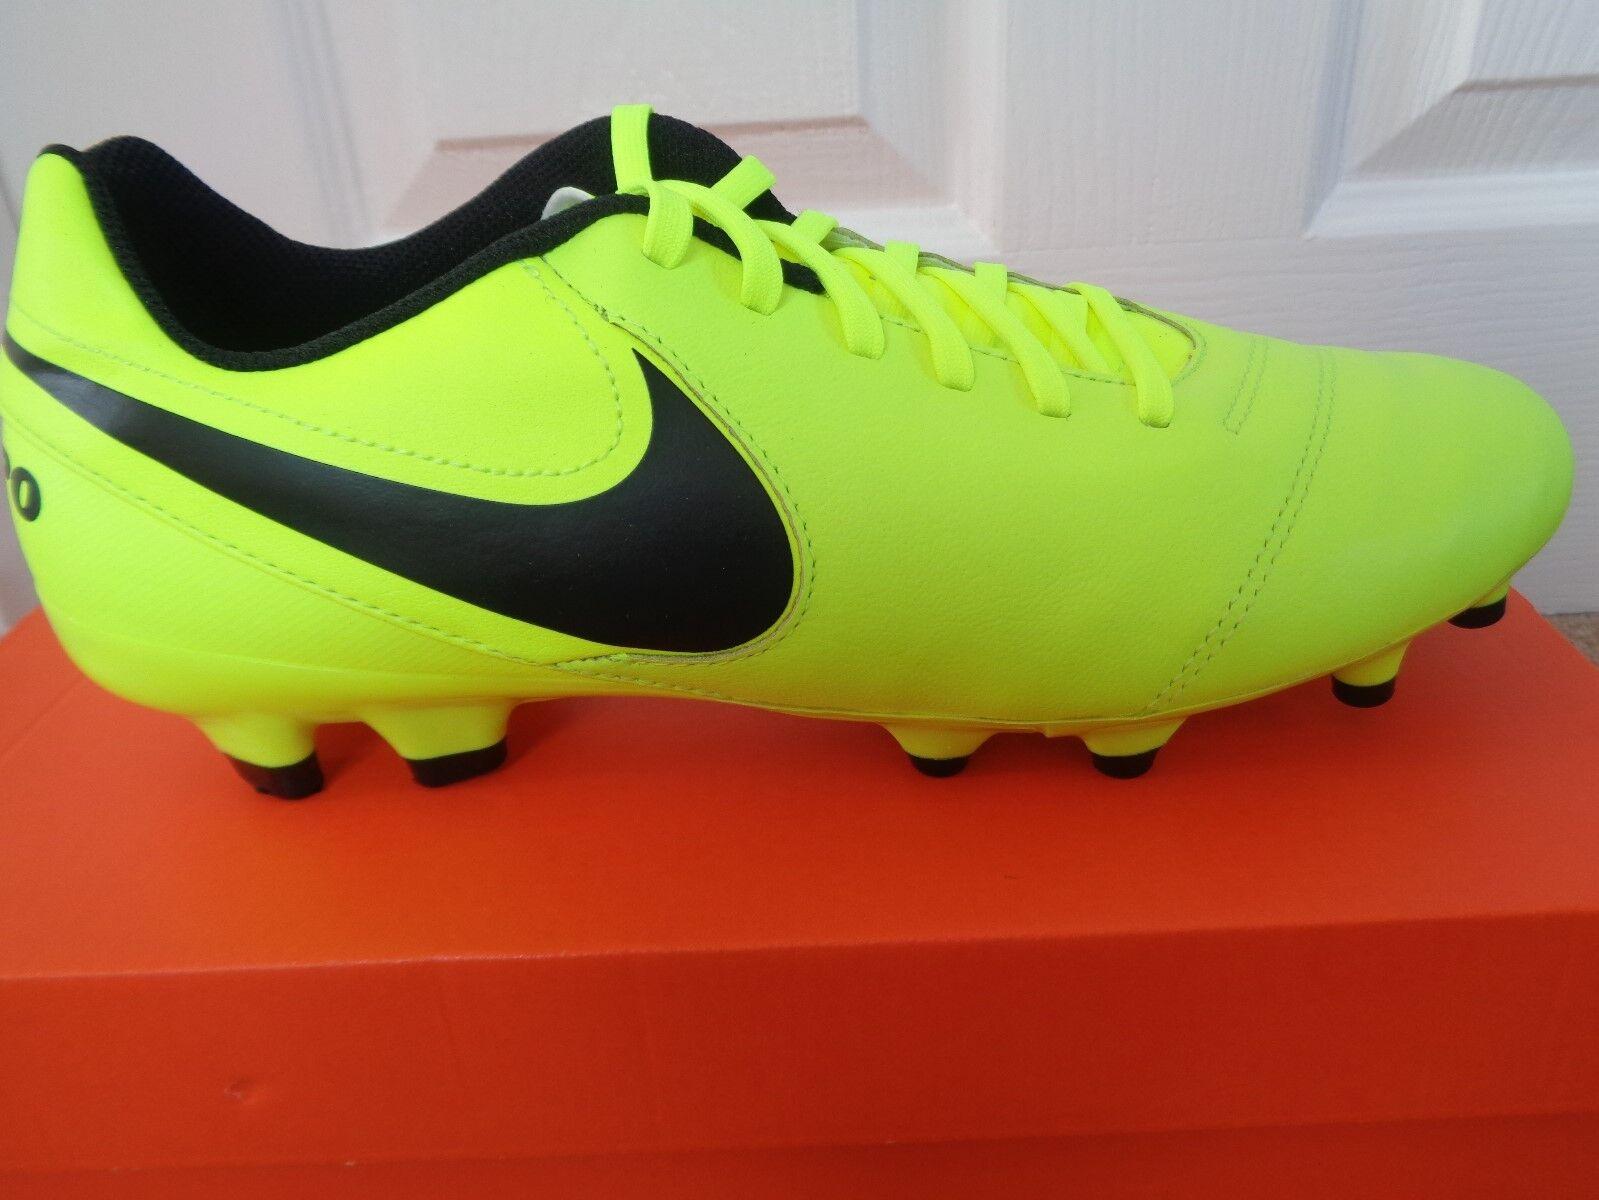 sports shoes 71260 471d3 Nike Tiempo Genio II Leather Scarpe da calcio calcio calcio 819213 707 EU  42 US 8.5 NUOVE f60dc7